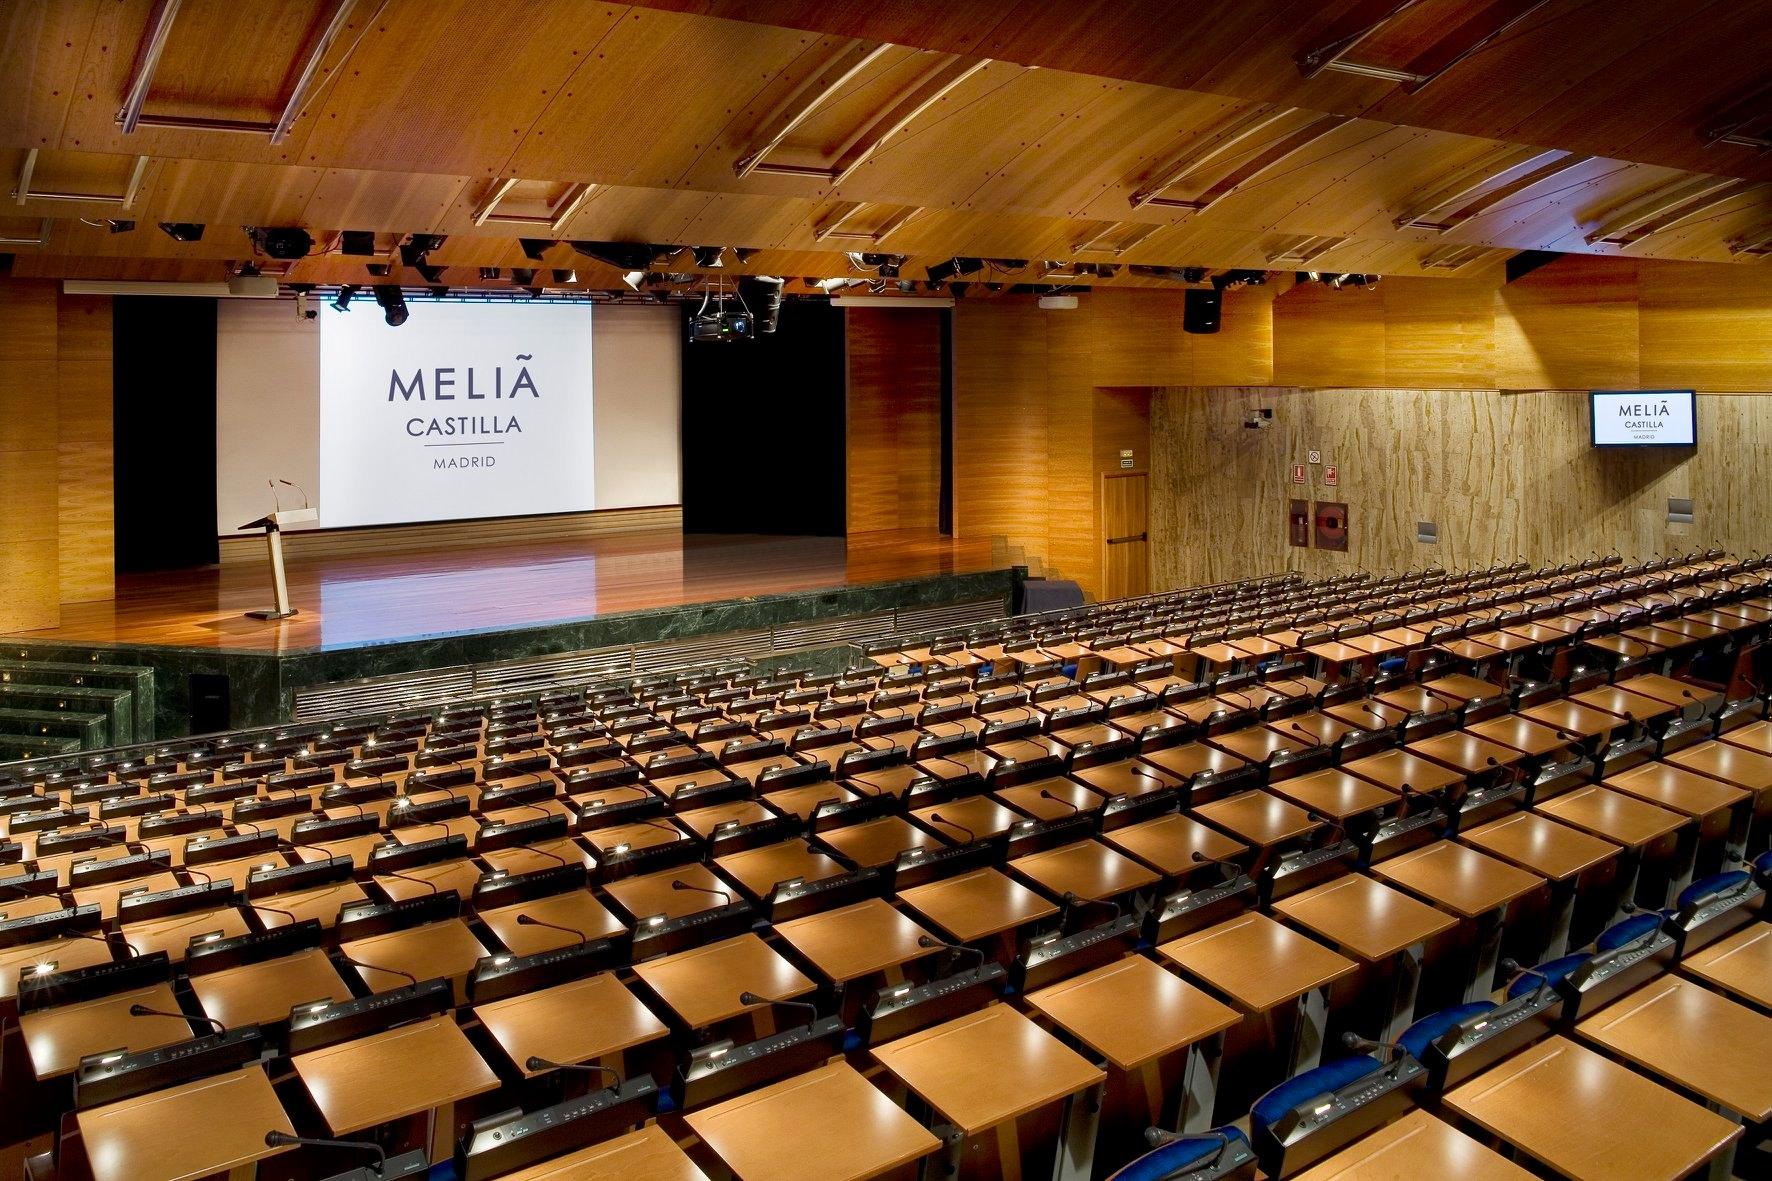 Salão de convenções do Hotel Meliá Castilla, no distrito comercial de Madri.